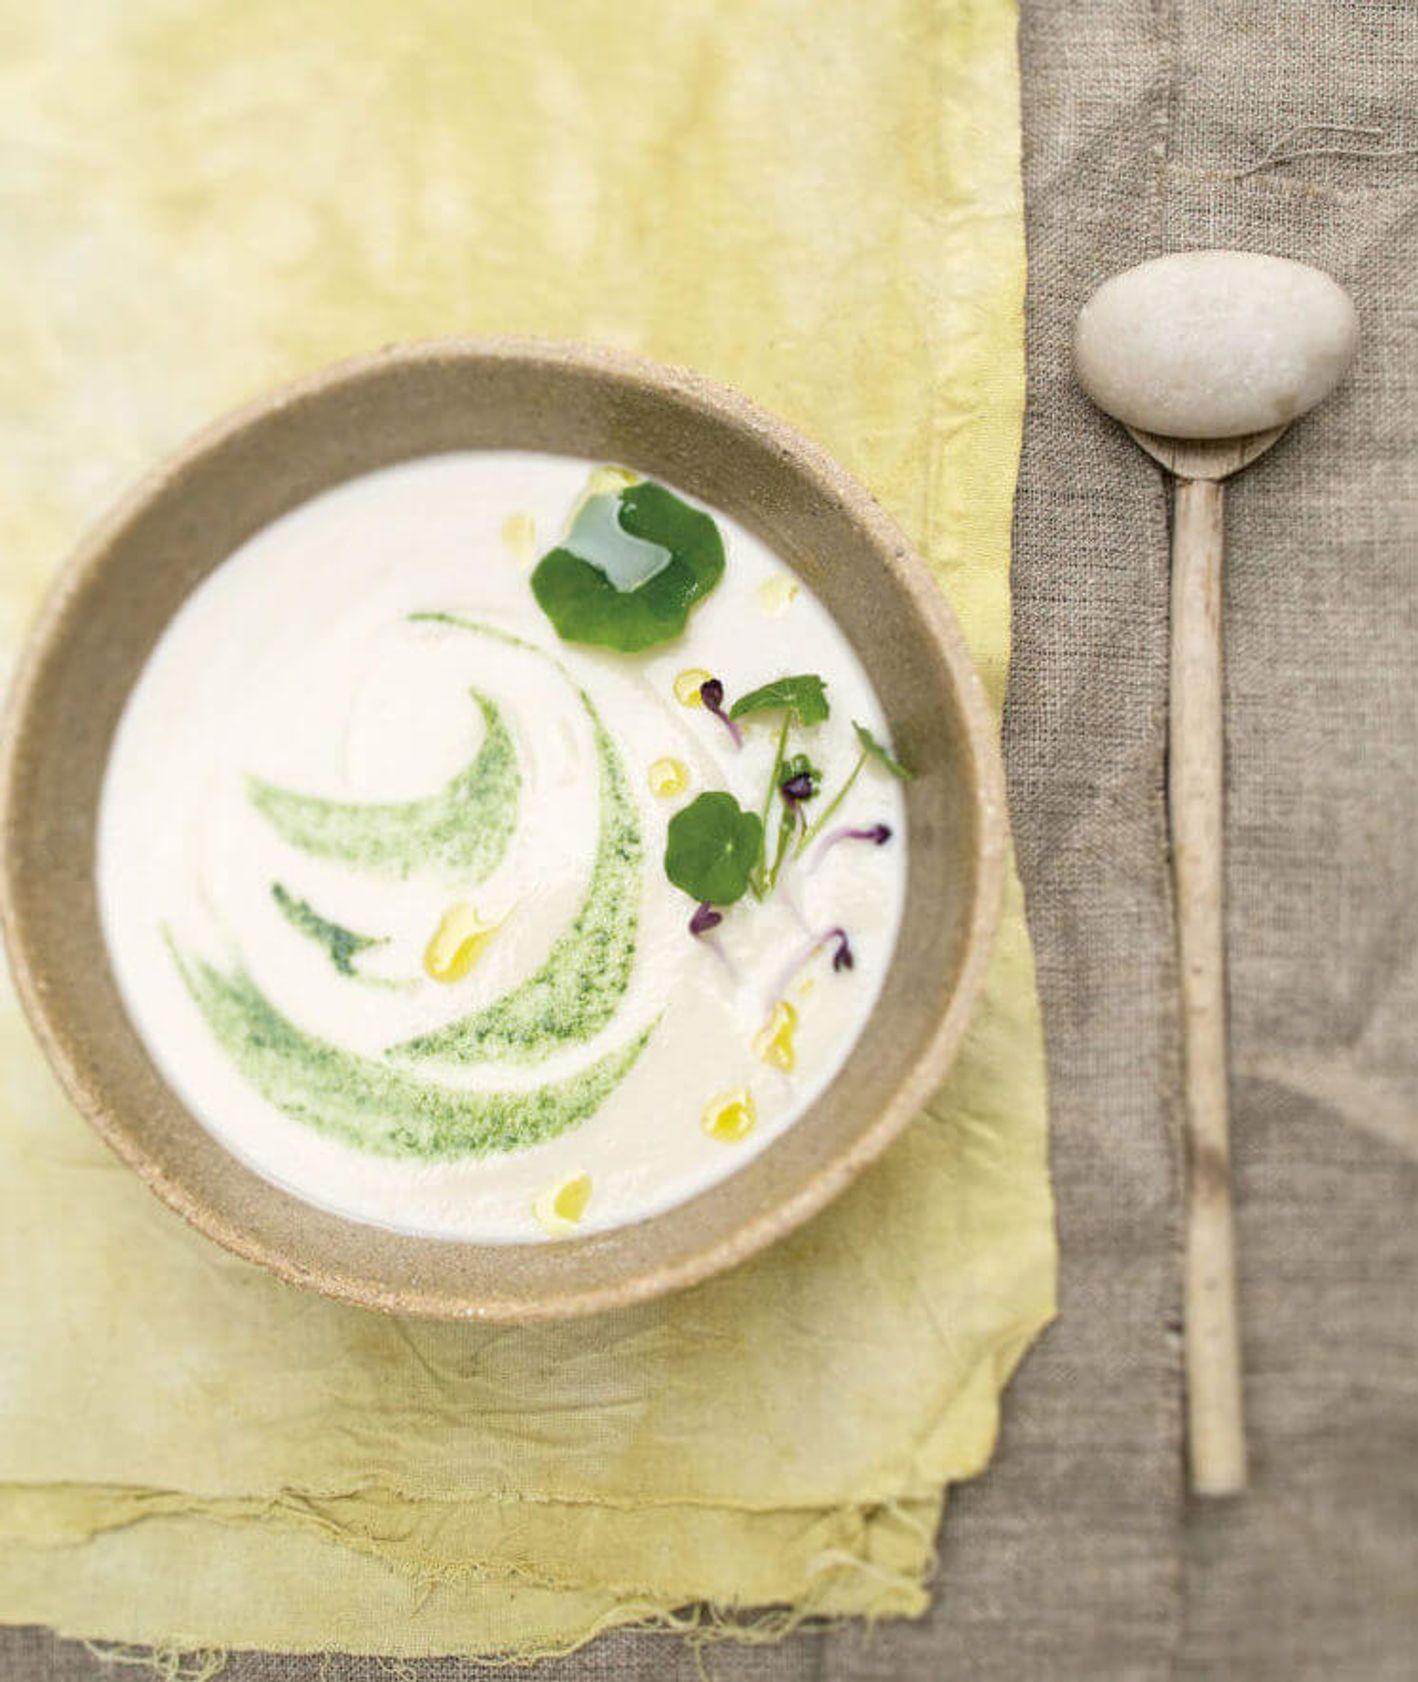 krem z białej rzepy z nasturcją, olej z czarnuszki, zupa krem, rozgrzewająca zupa krem, wegetariańska zupa, szybki obiad, zdrowy obiad, obiad dla dzieci